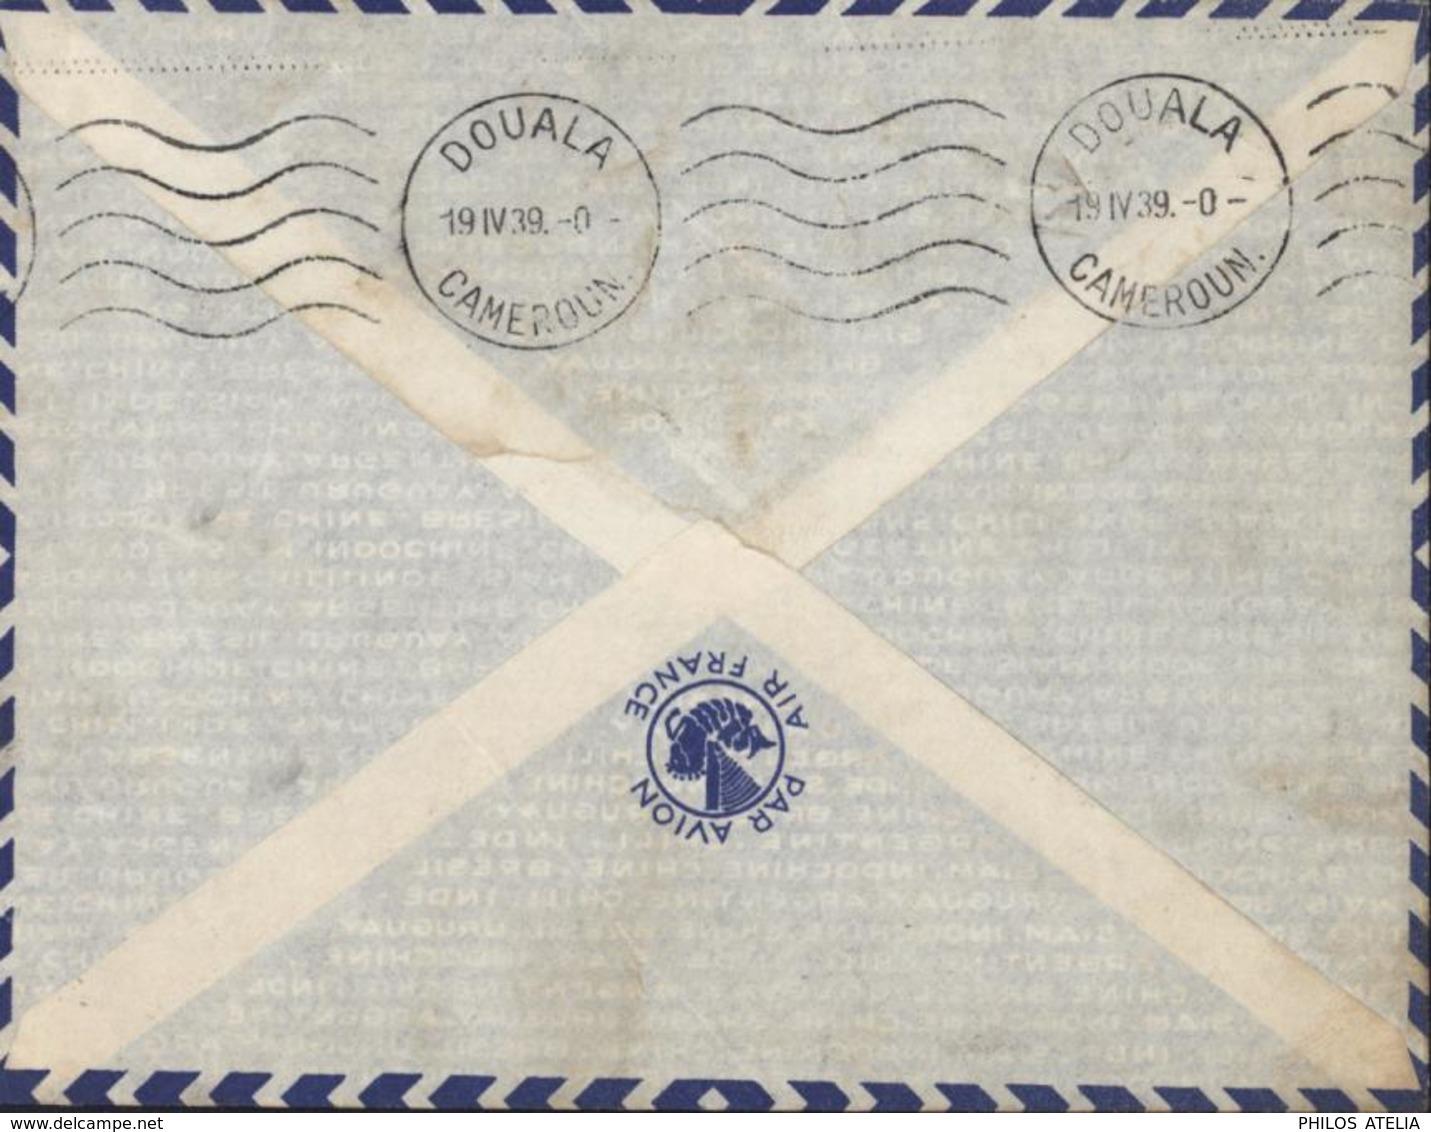 Poste Navale Sous-marin De 1ere Classe MONGE + Ccahet Ancre Marine Française Service à La Mer Guerre 39 45 - Posta Marittima